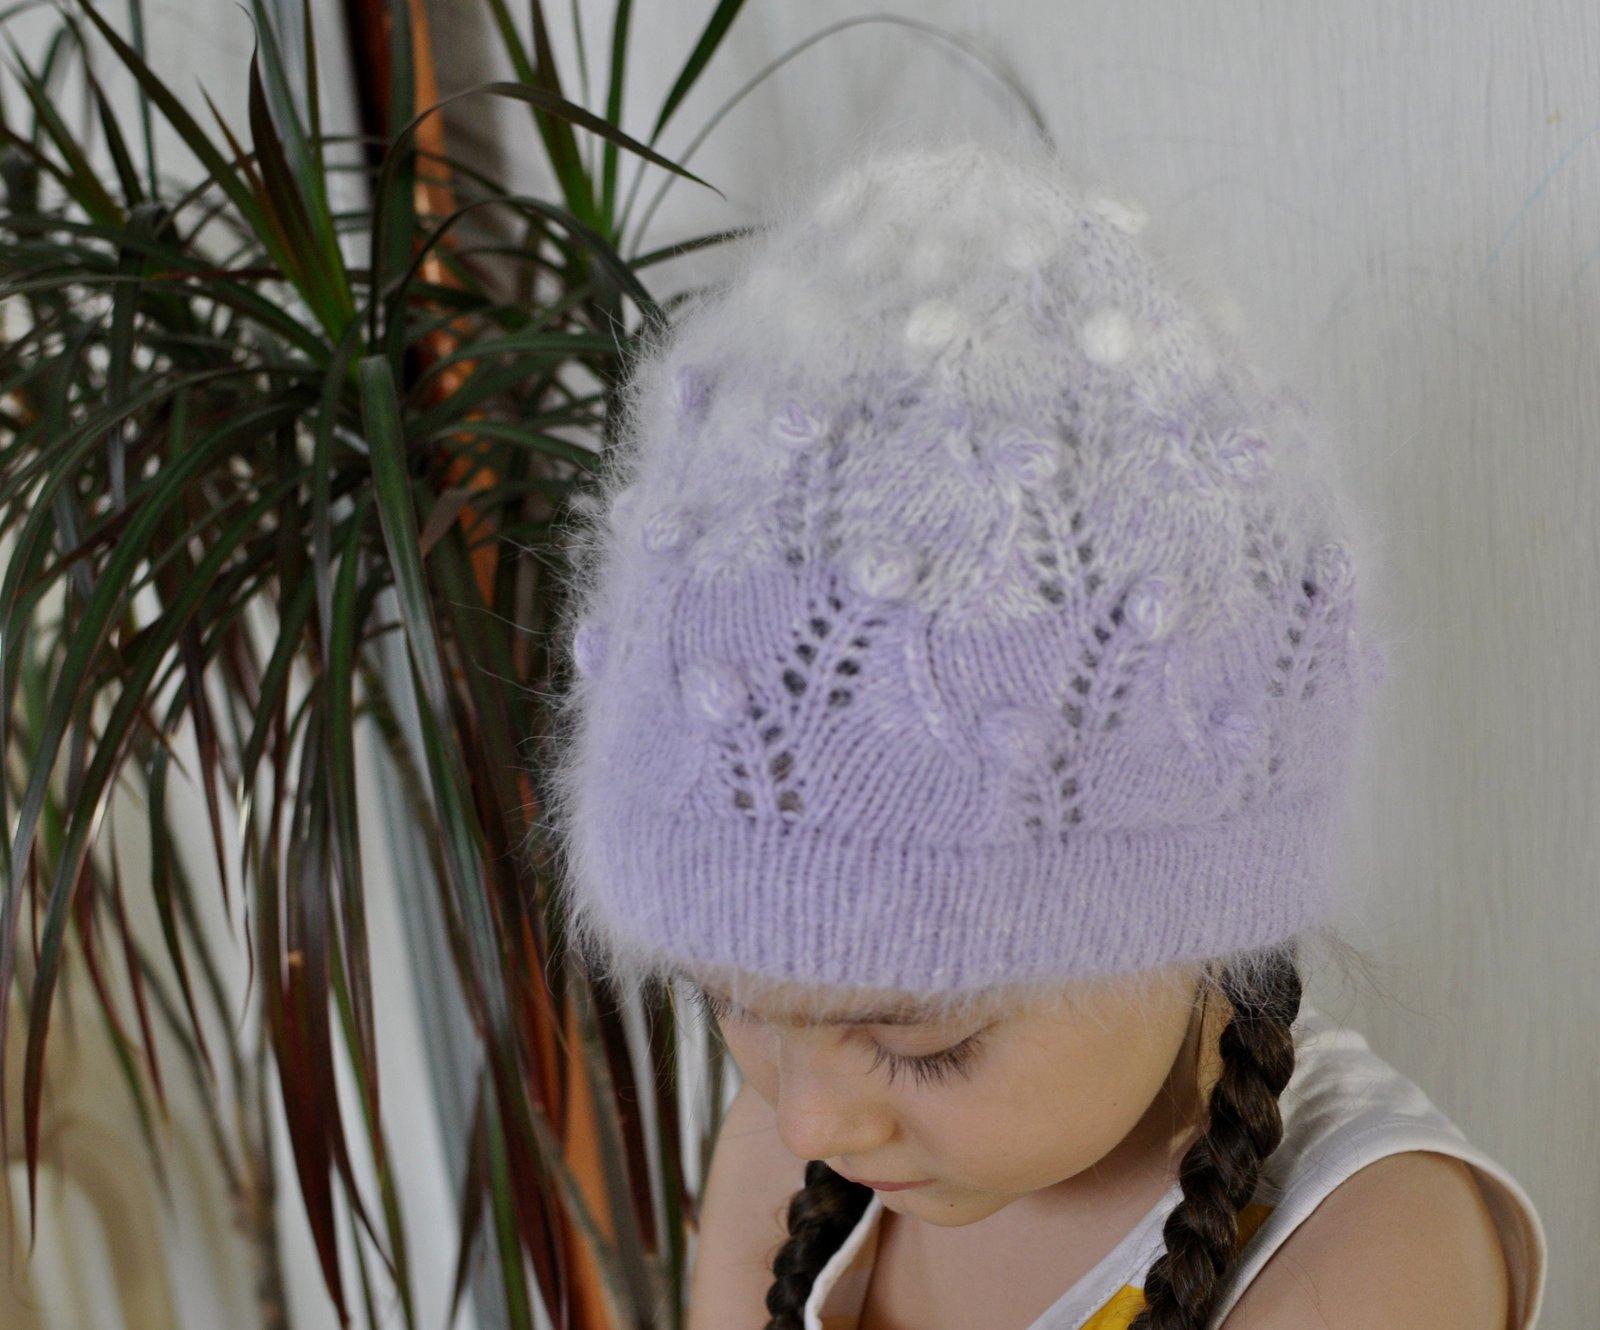 Мастер-класс по вязанию весенней шапки Весеннее настроение. Бесплатно. Пряжа Пух норки (Mink Wool) в две нити, расход 110 грамм, размер 54, удлиненная